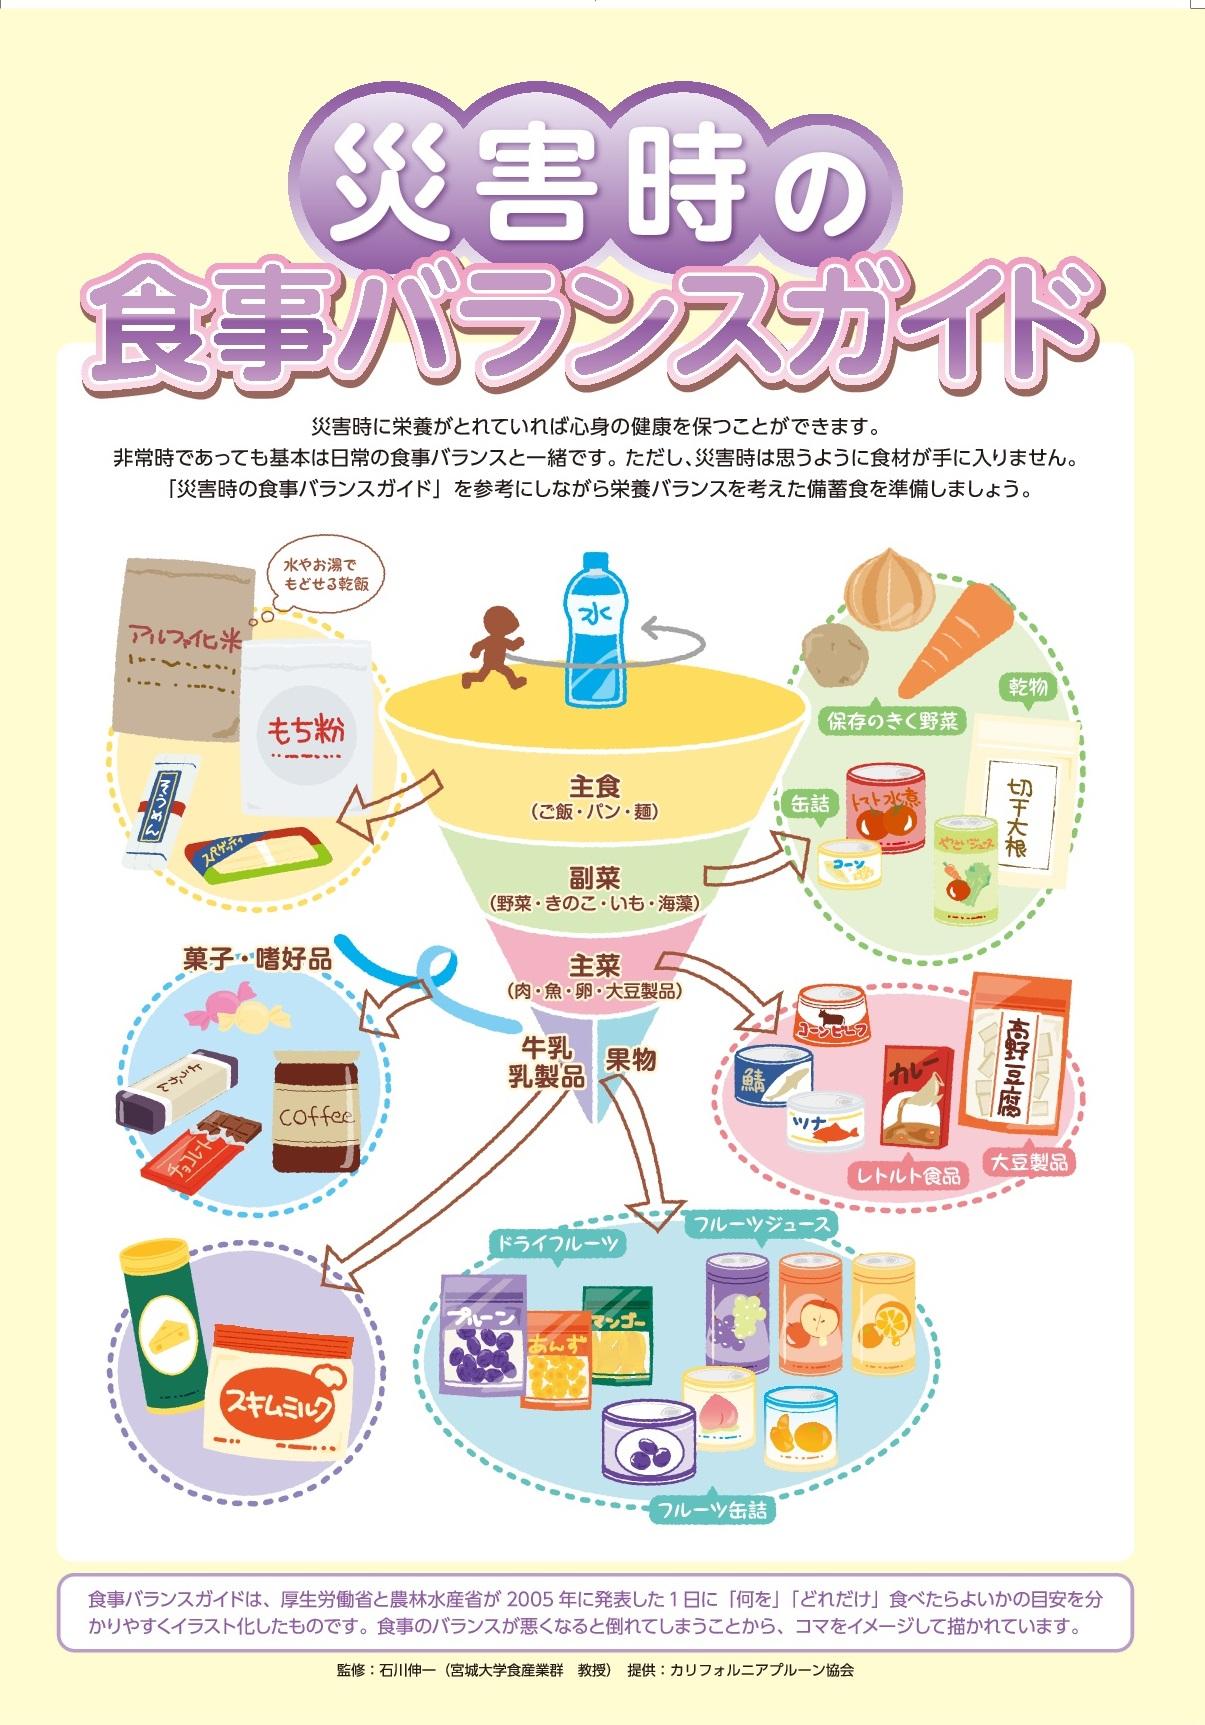 災害時の栄養バランスを考える「大震災を生き抜くための食事学」(第23回日本災害医学会ランチョンセミナー)